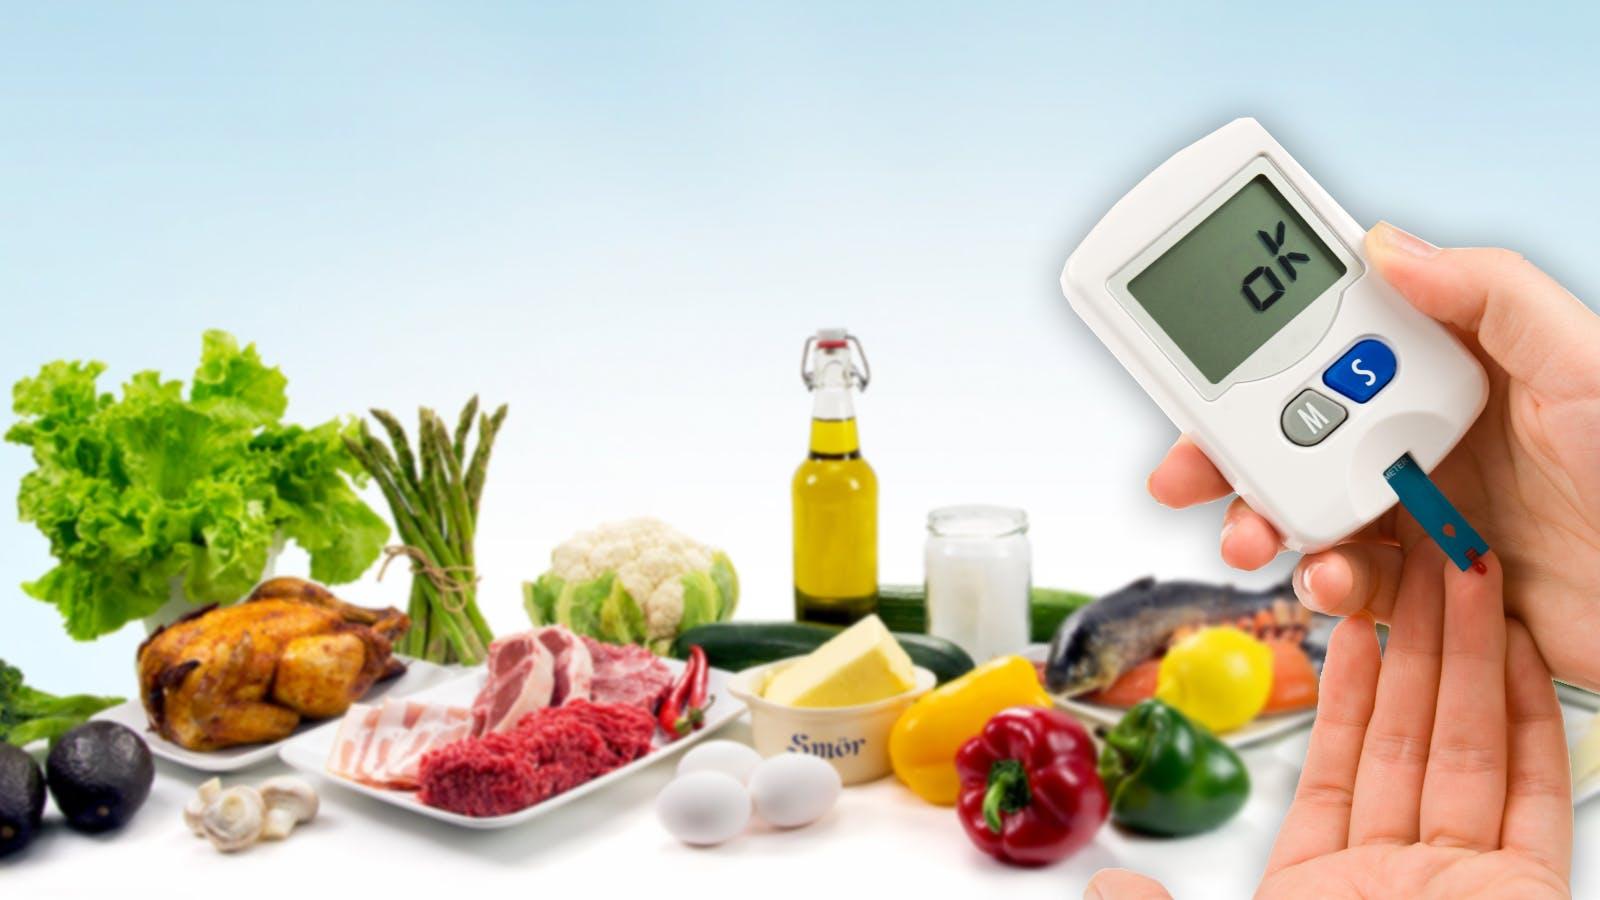 Blodsocker och diabetes